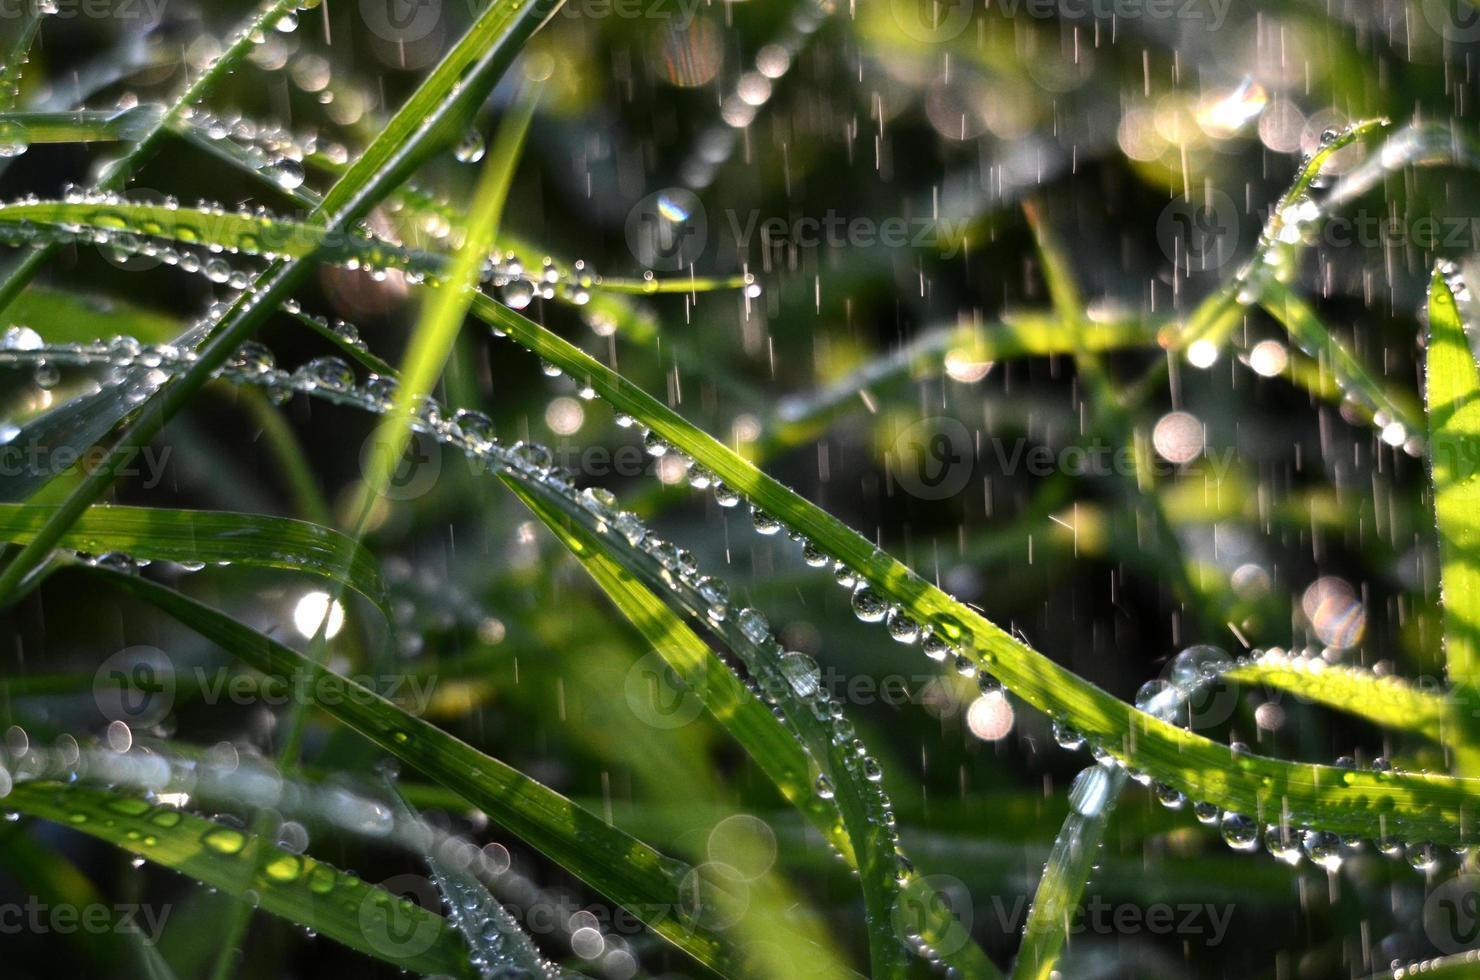 fallende Regentropfen auf einem grünen Gras am Morgen foto